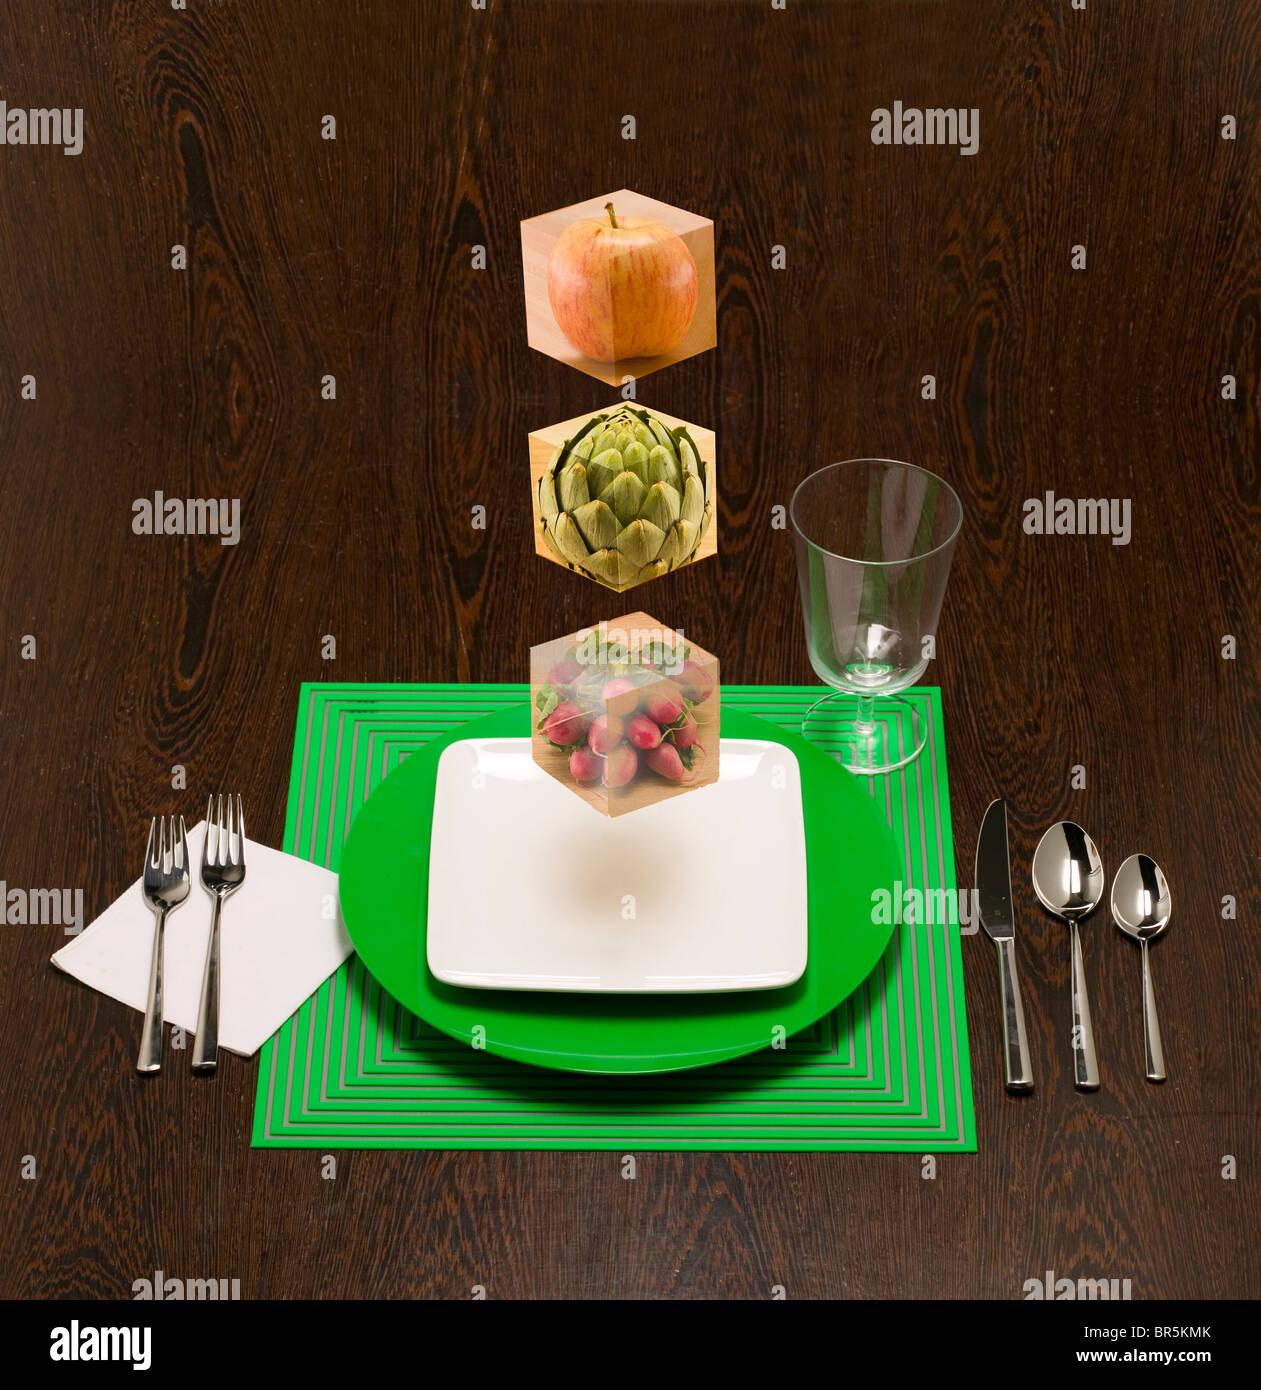 schwimmende Futterblöcke, die Bausteine für Ihre Ernährung zu zeigen. Stockbild